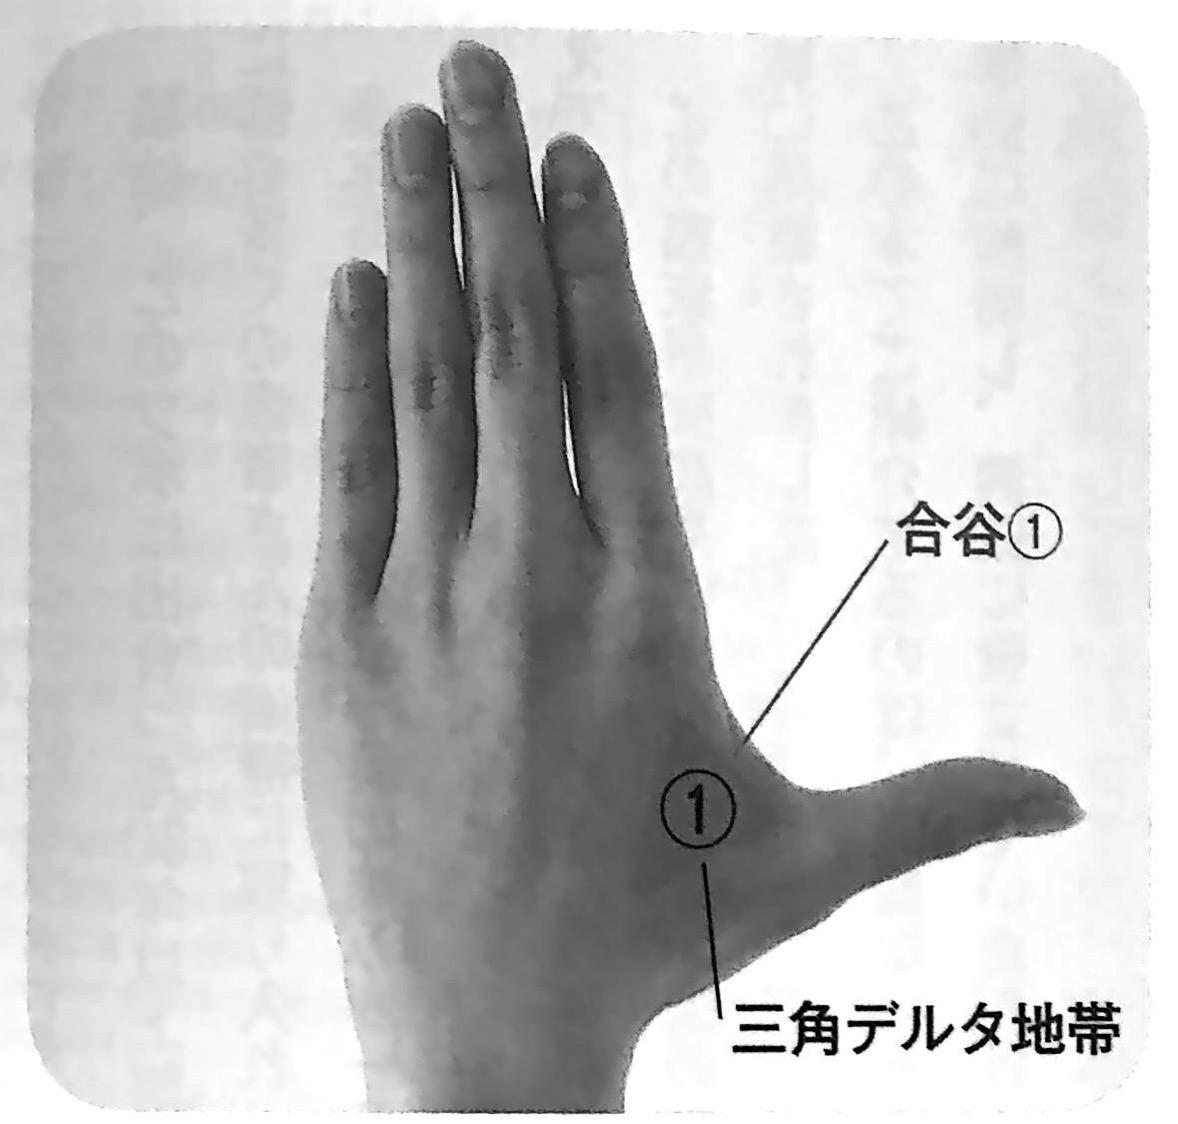 合谷① 長生きスイッチ イントロ